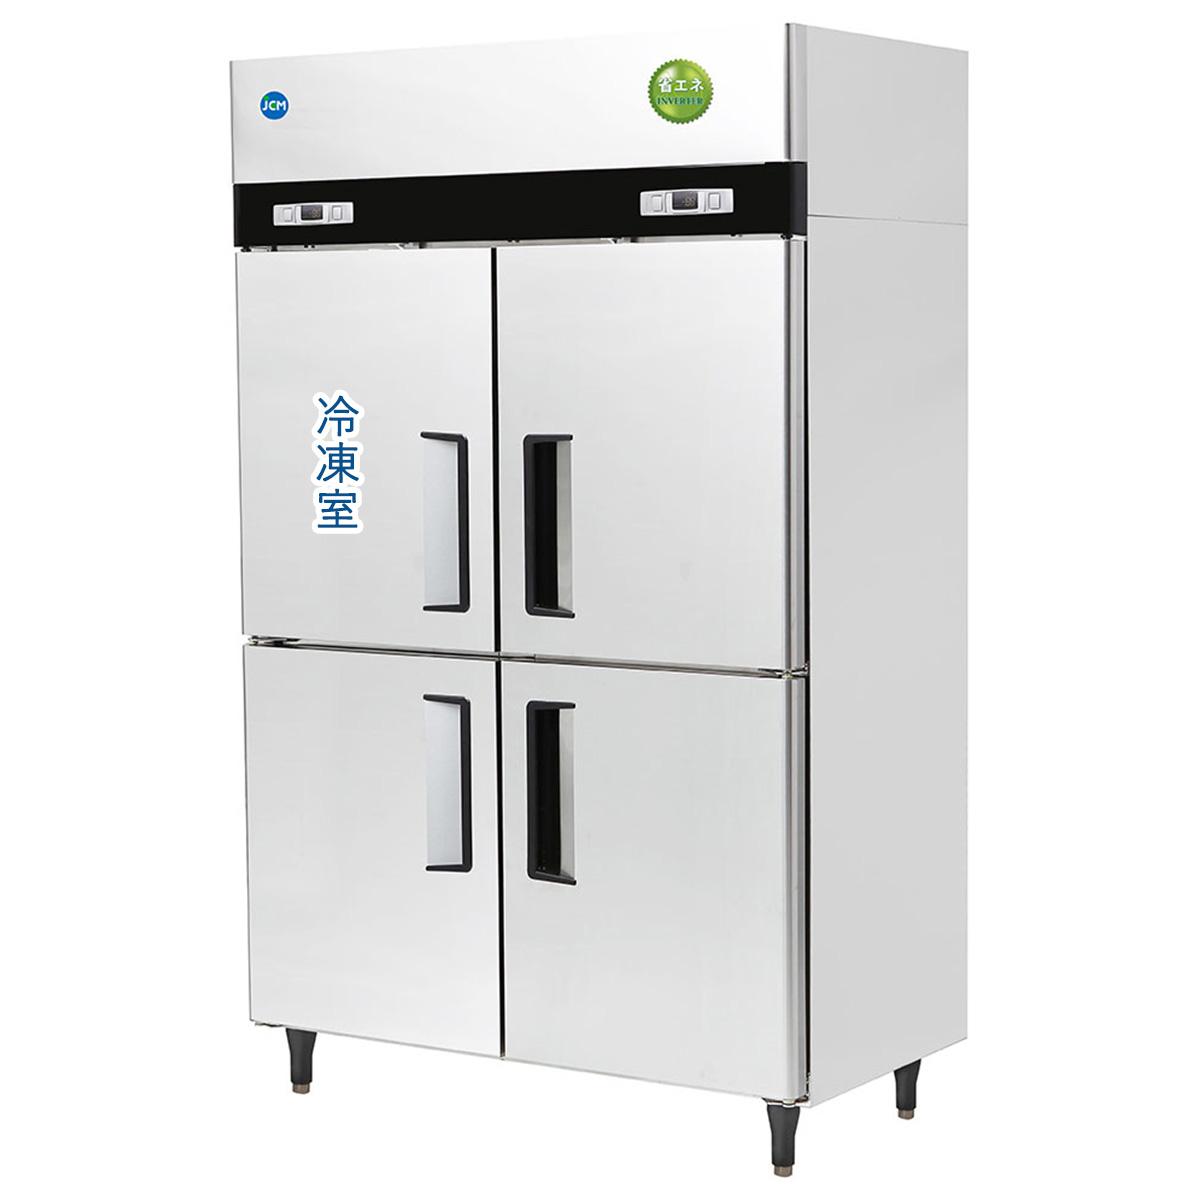 JCM タテ型 冷凍冷蔵庫 JCMR-1265F1-I 業務用 冷凍 冷蔵 4ドア 省エネ 【代引不可】